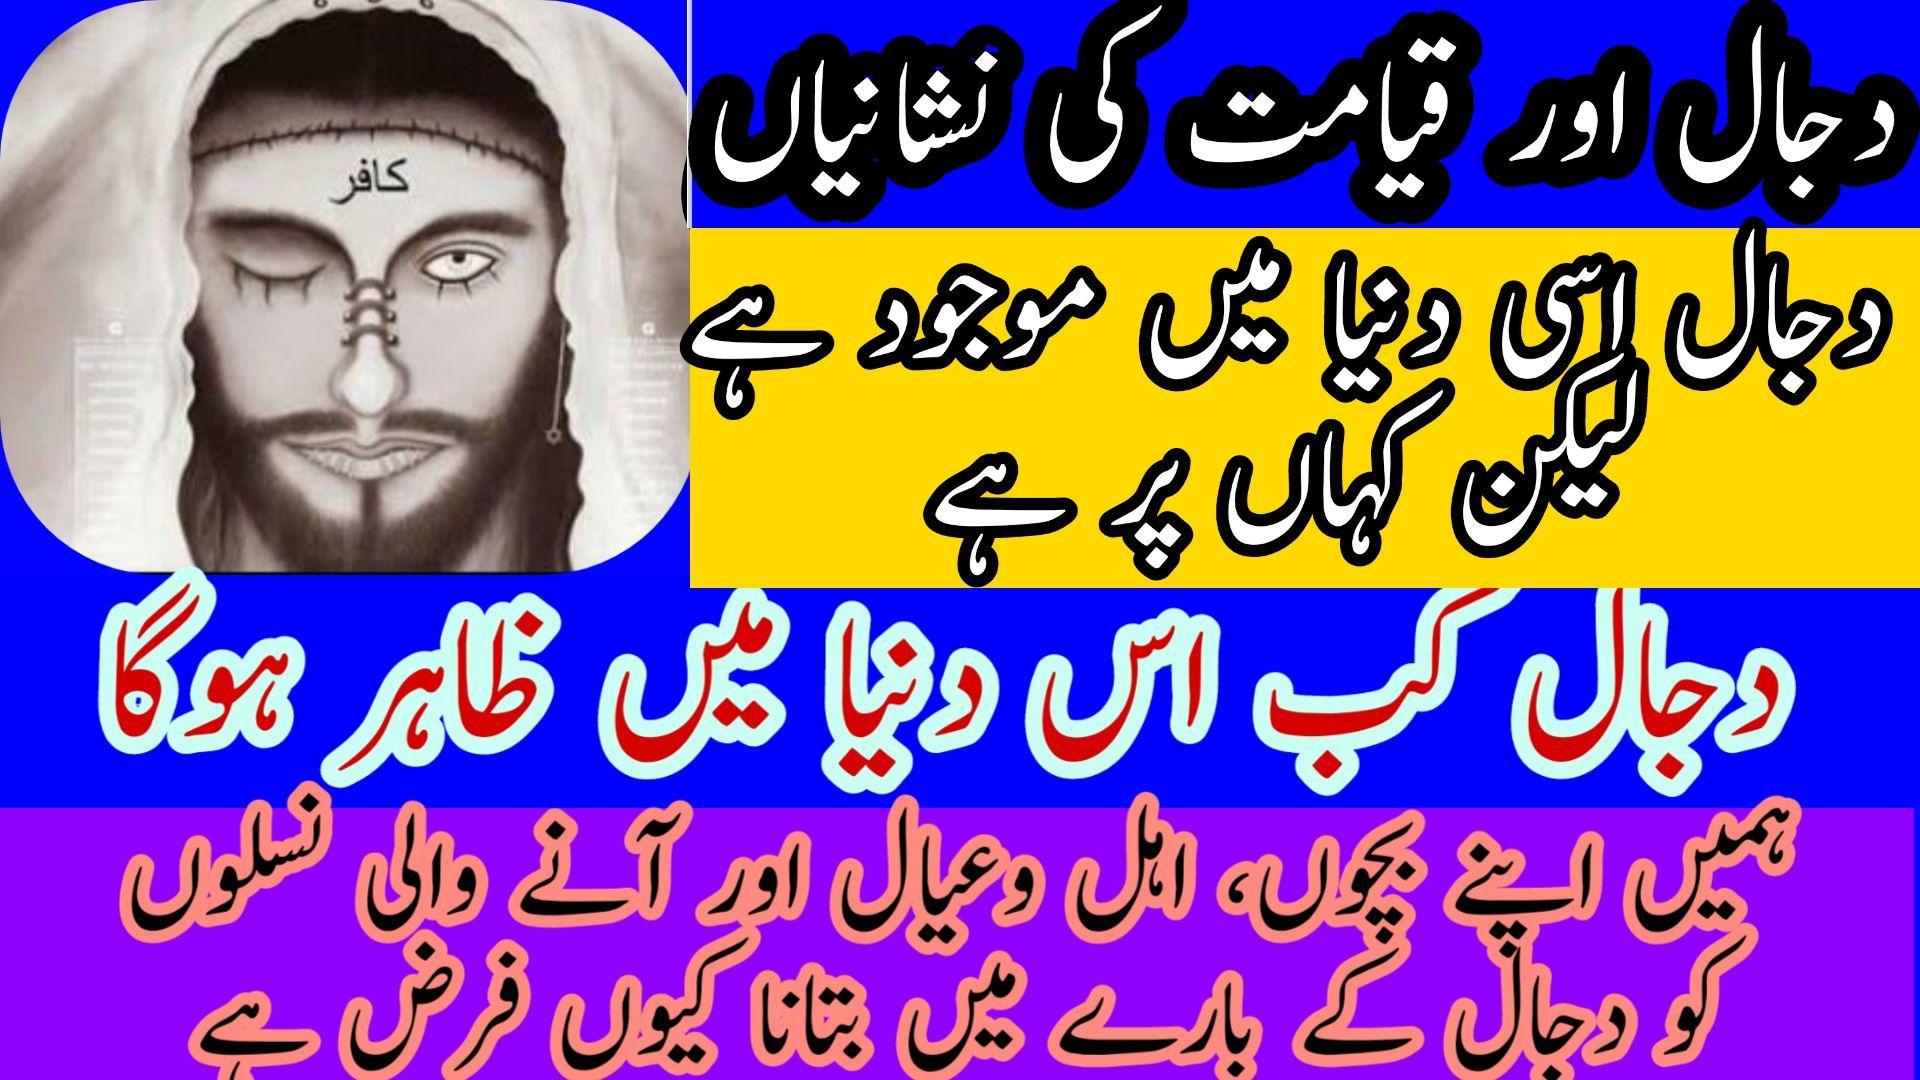 Dajjal Kab Aye Ga Dajjal Kahan Hai Dajjal Story In Urdu Hindi Dajja Aur Qyamat Ki Nishaniyan In 2020 Quran Meant To Be Urdu